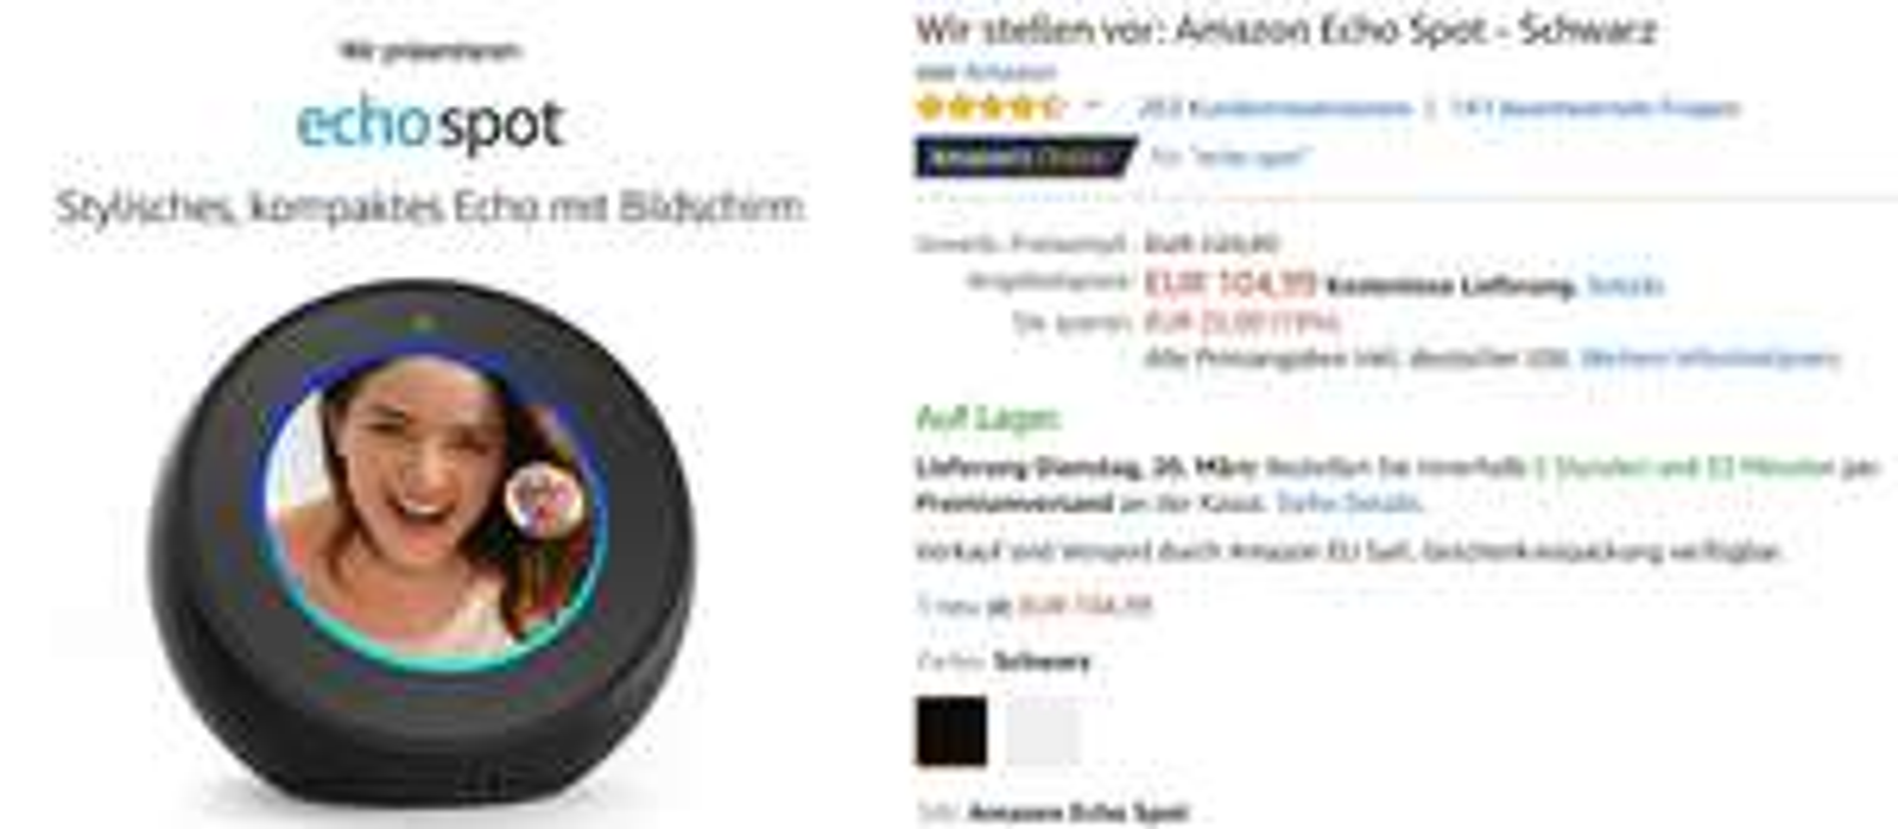 Amazon Echo Spot zum Einführungspreis für 104,99€ statt 129,99 -19%